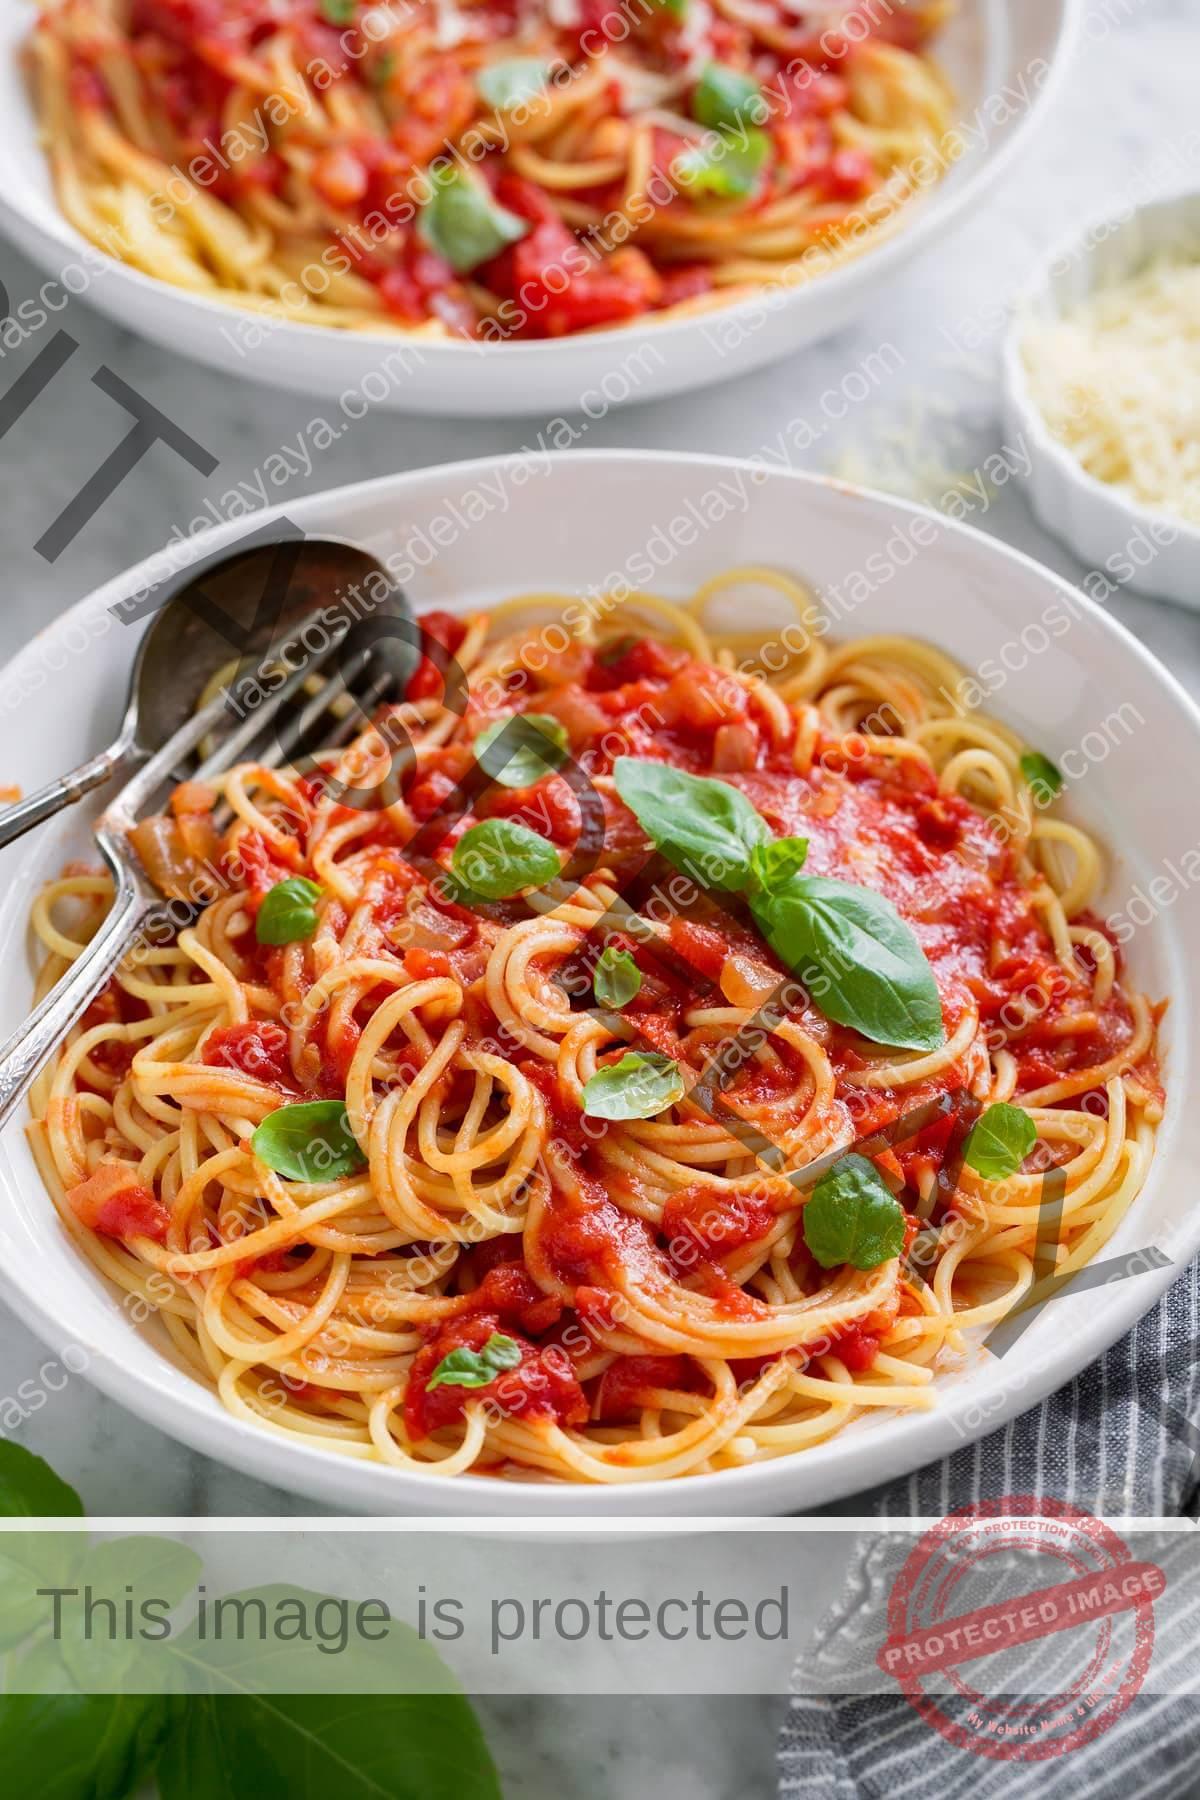 Molho Marinara servido com espaguete, parmesão e manjericão fresco. Mostrado em uma tigela de massa branca.